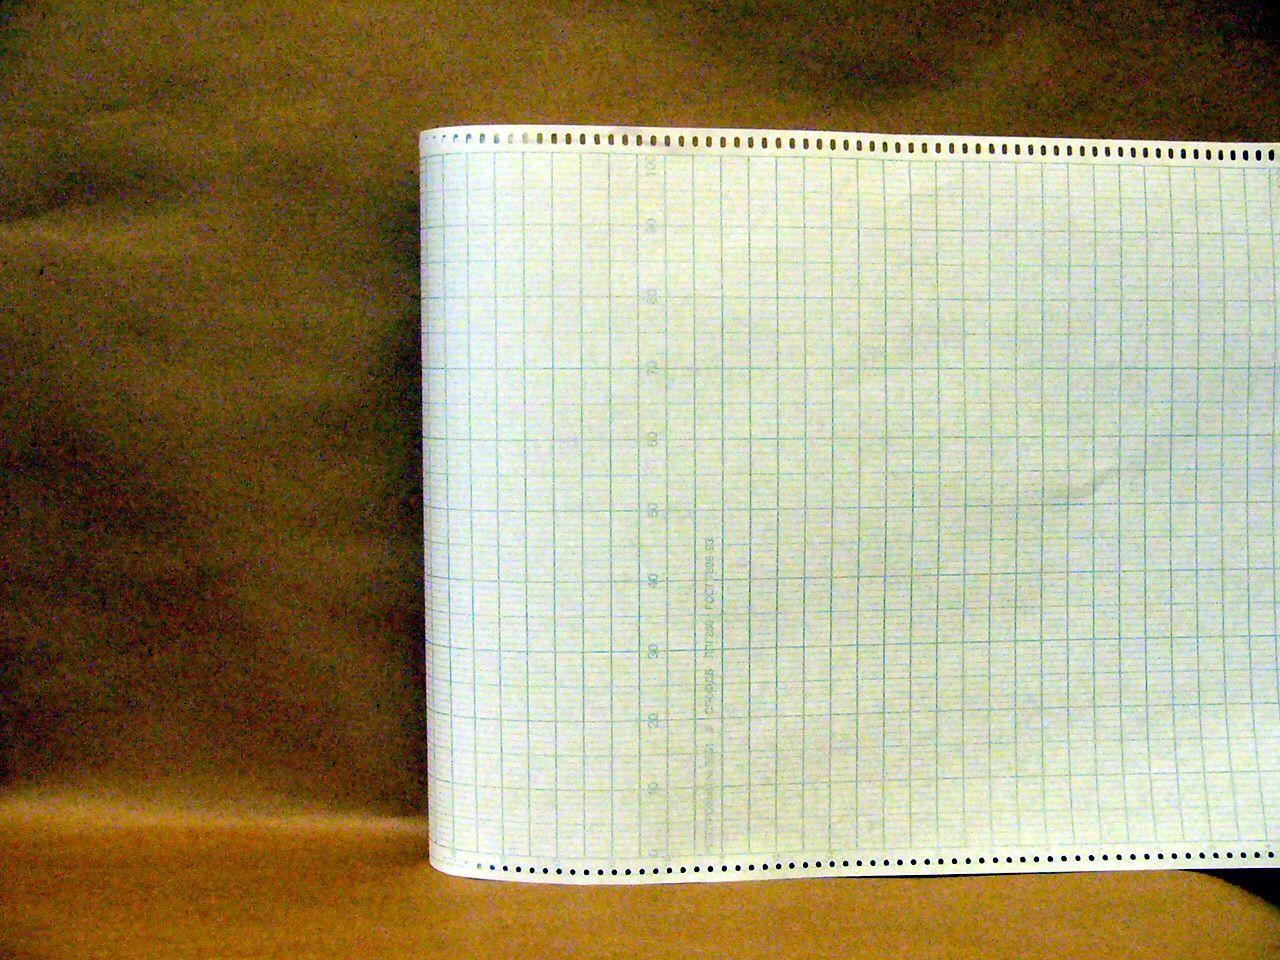 Диаграммная рулонная лента, реестровый № 3561